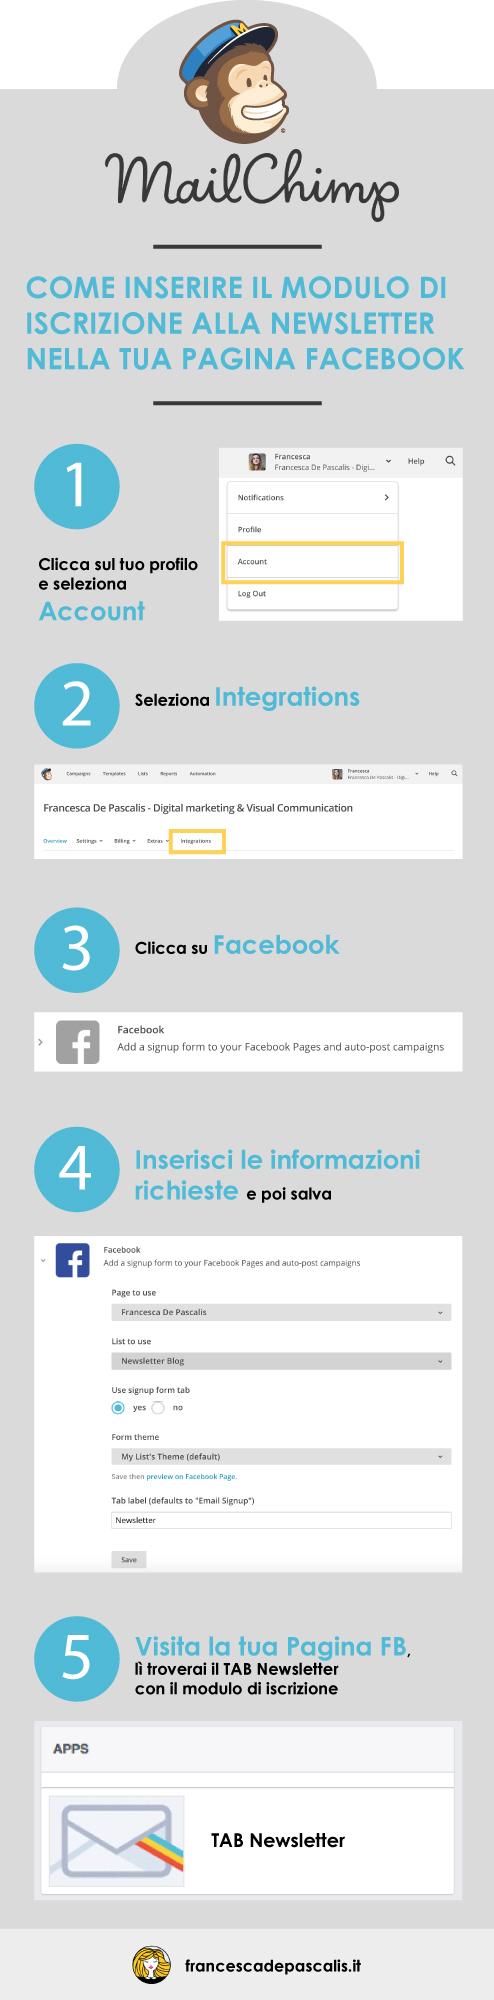 Inserisci Form MailChimp su Facebook [INFOGRAFICA]